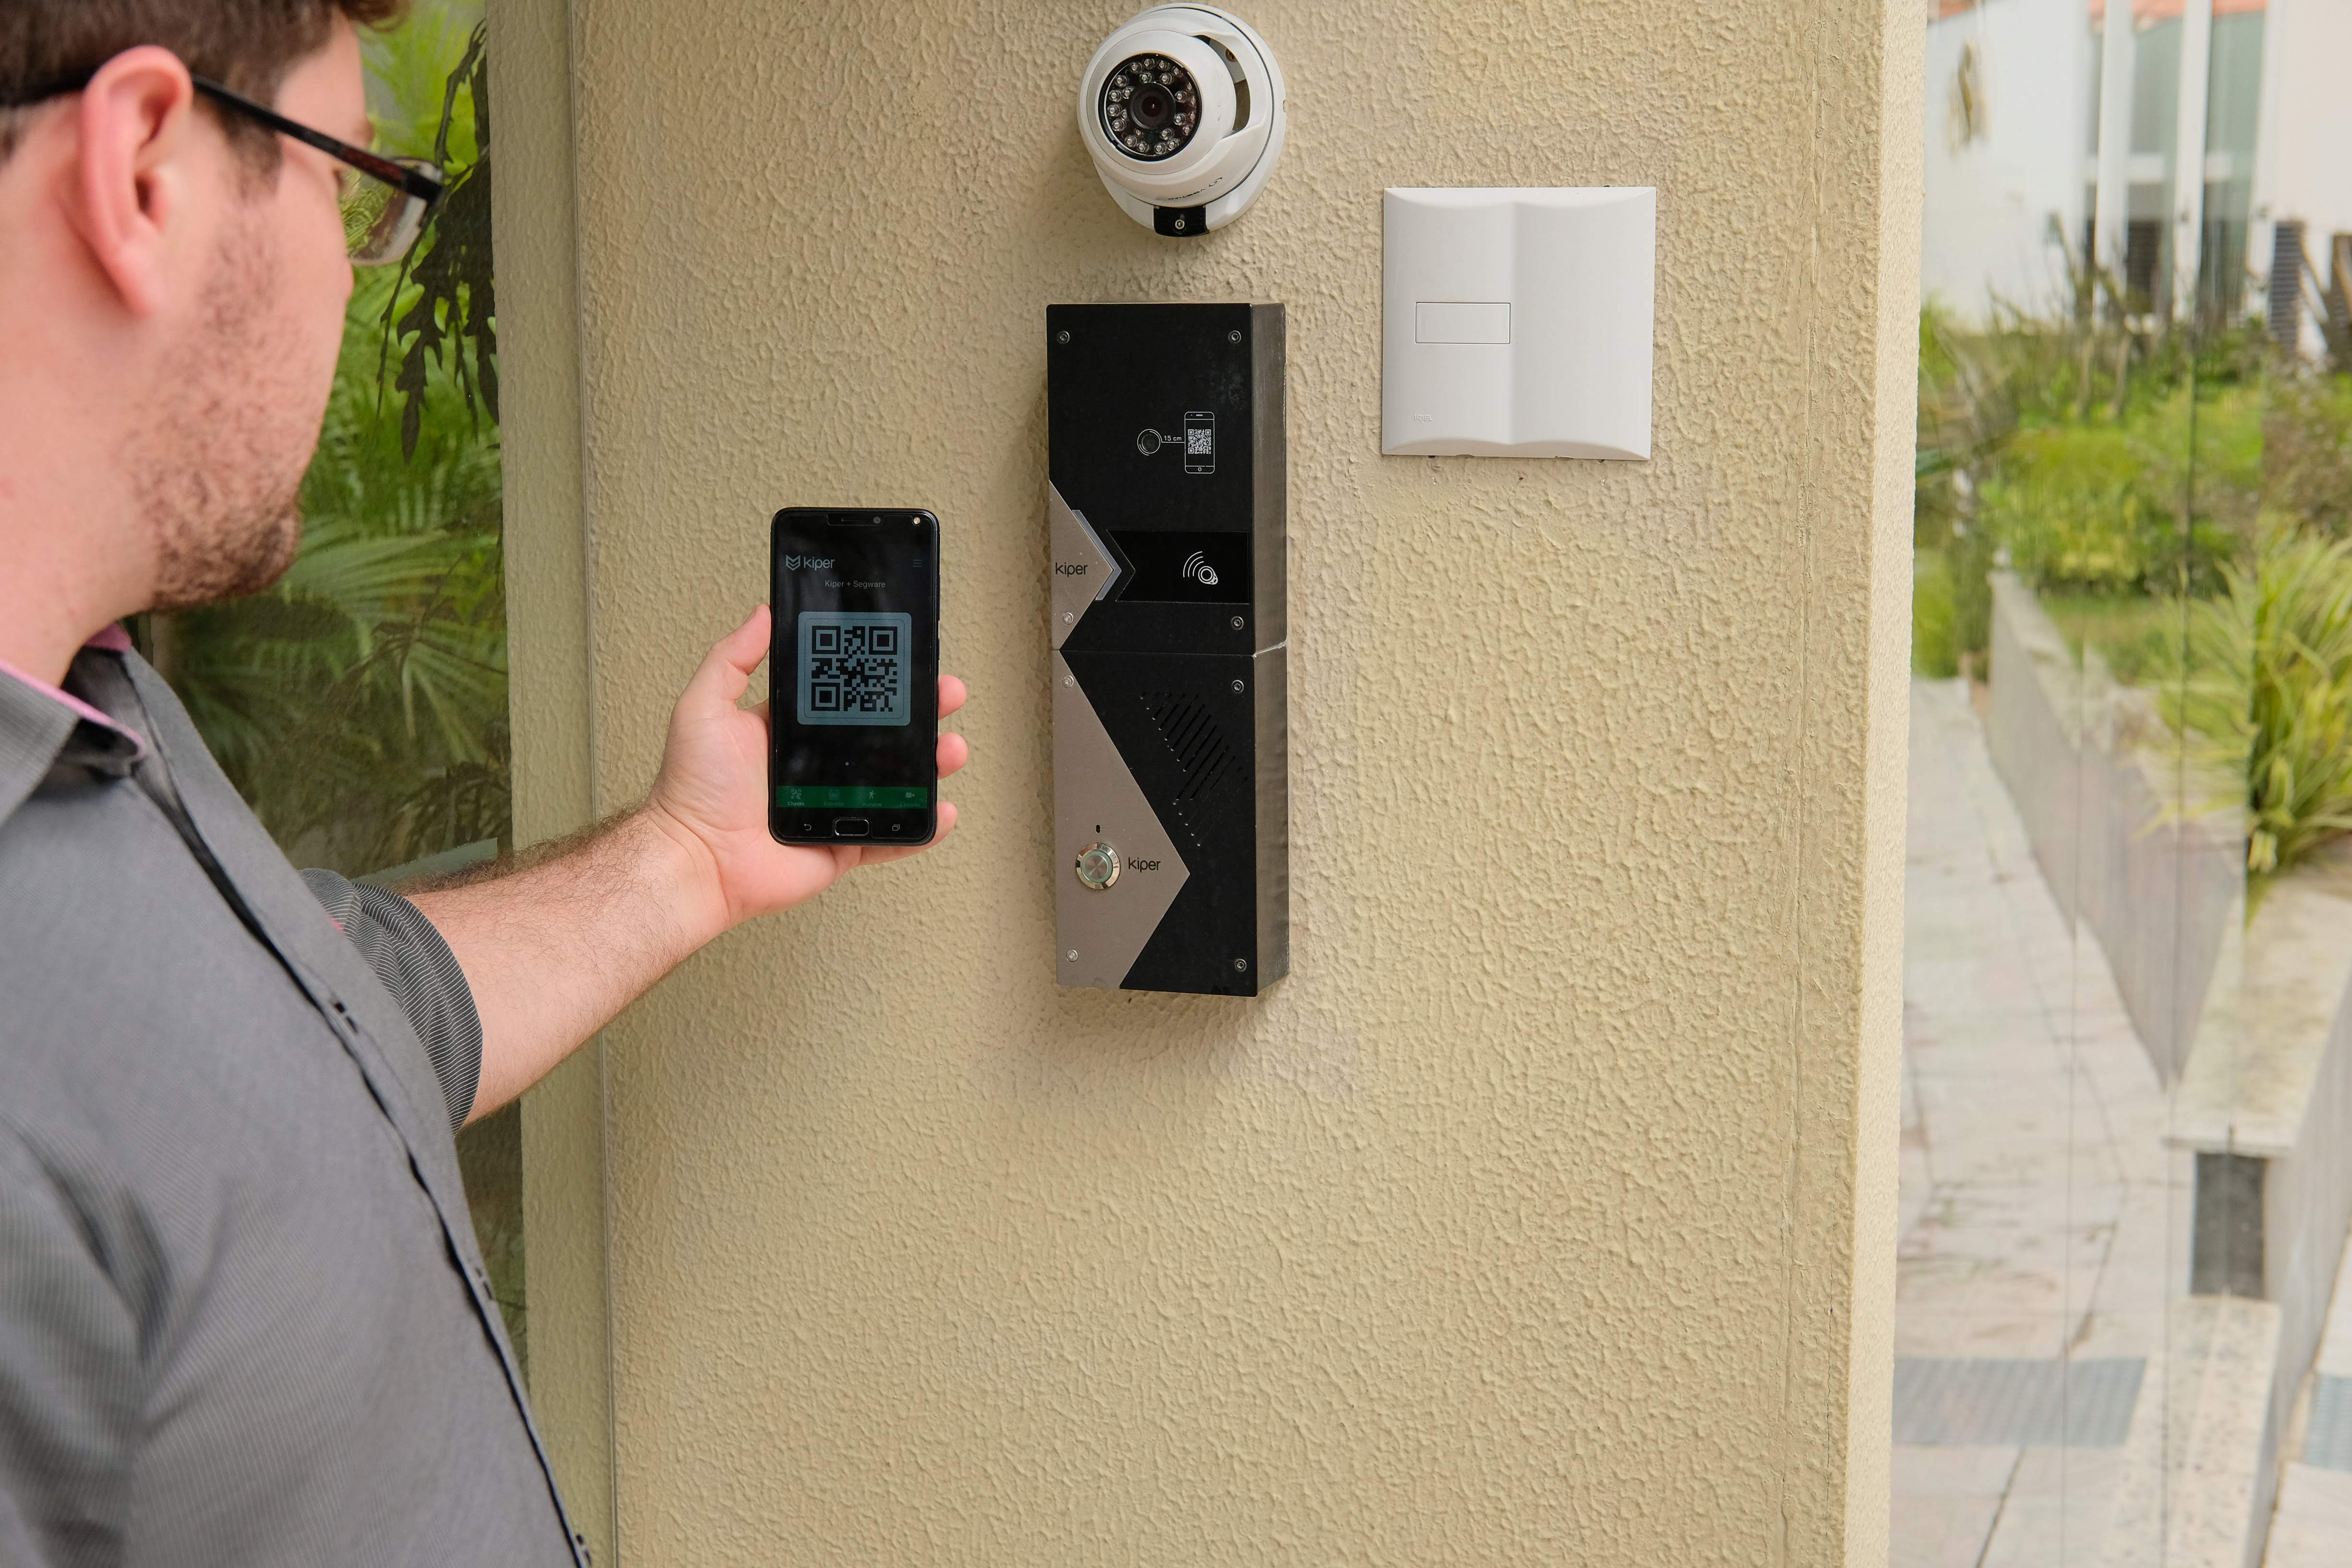 3 dicas de segurança para condomínios e como orientar seus moradores